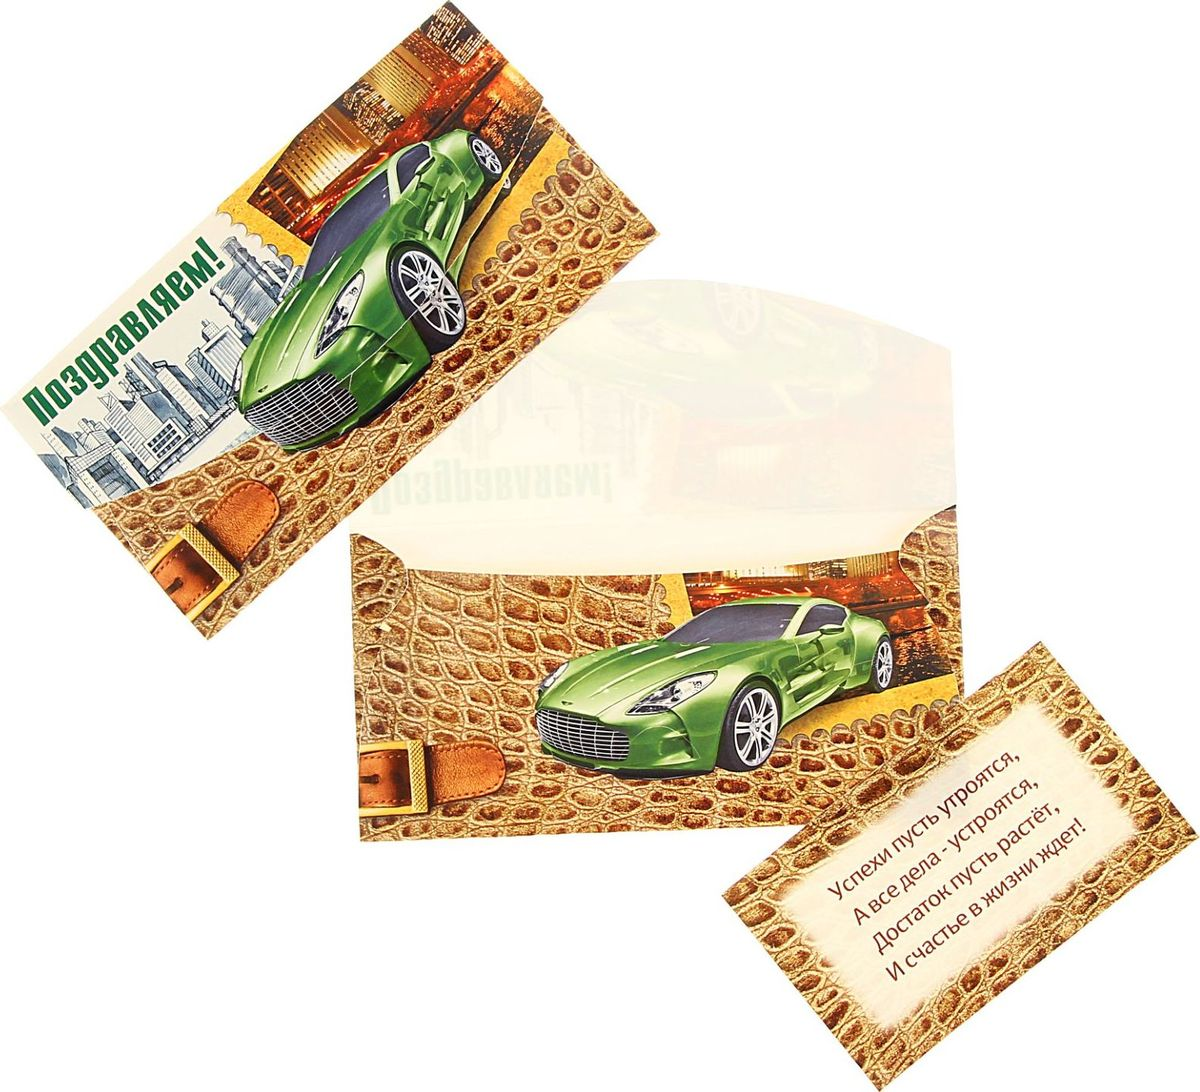 Конверт для денег Русский дизайн Поздравляем! Зеленое авто, 16,5 х 8,5 см1536071Невозможно представить нашу жизнь без праздников! Мы всегда ждём их и предвкушаем, обдумываем, как проведём памятный день, тщательно выбираем подарки и аксессуары, ведь именно они создают и поддерживают торжественный настрой. Этот конверт для денег - отличный выбор, который привнесёт атмосферу праздника в ваш дом!